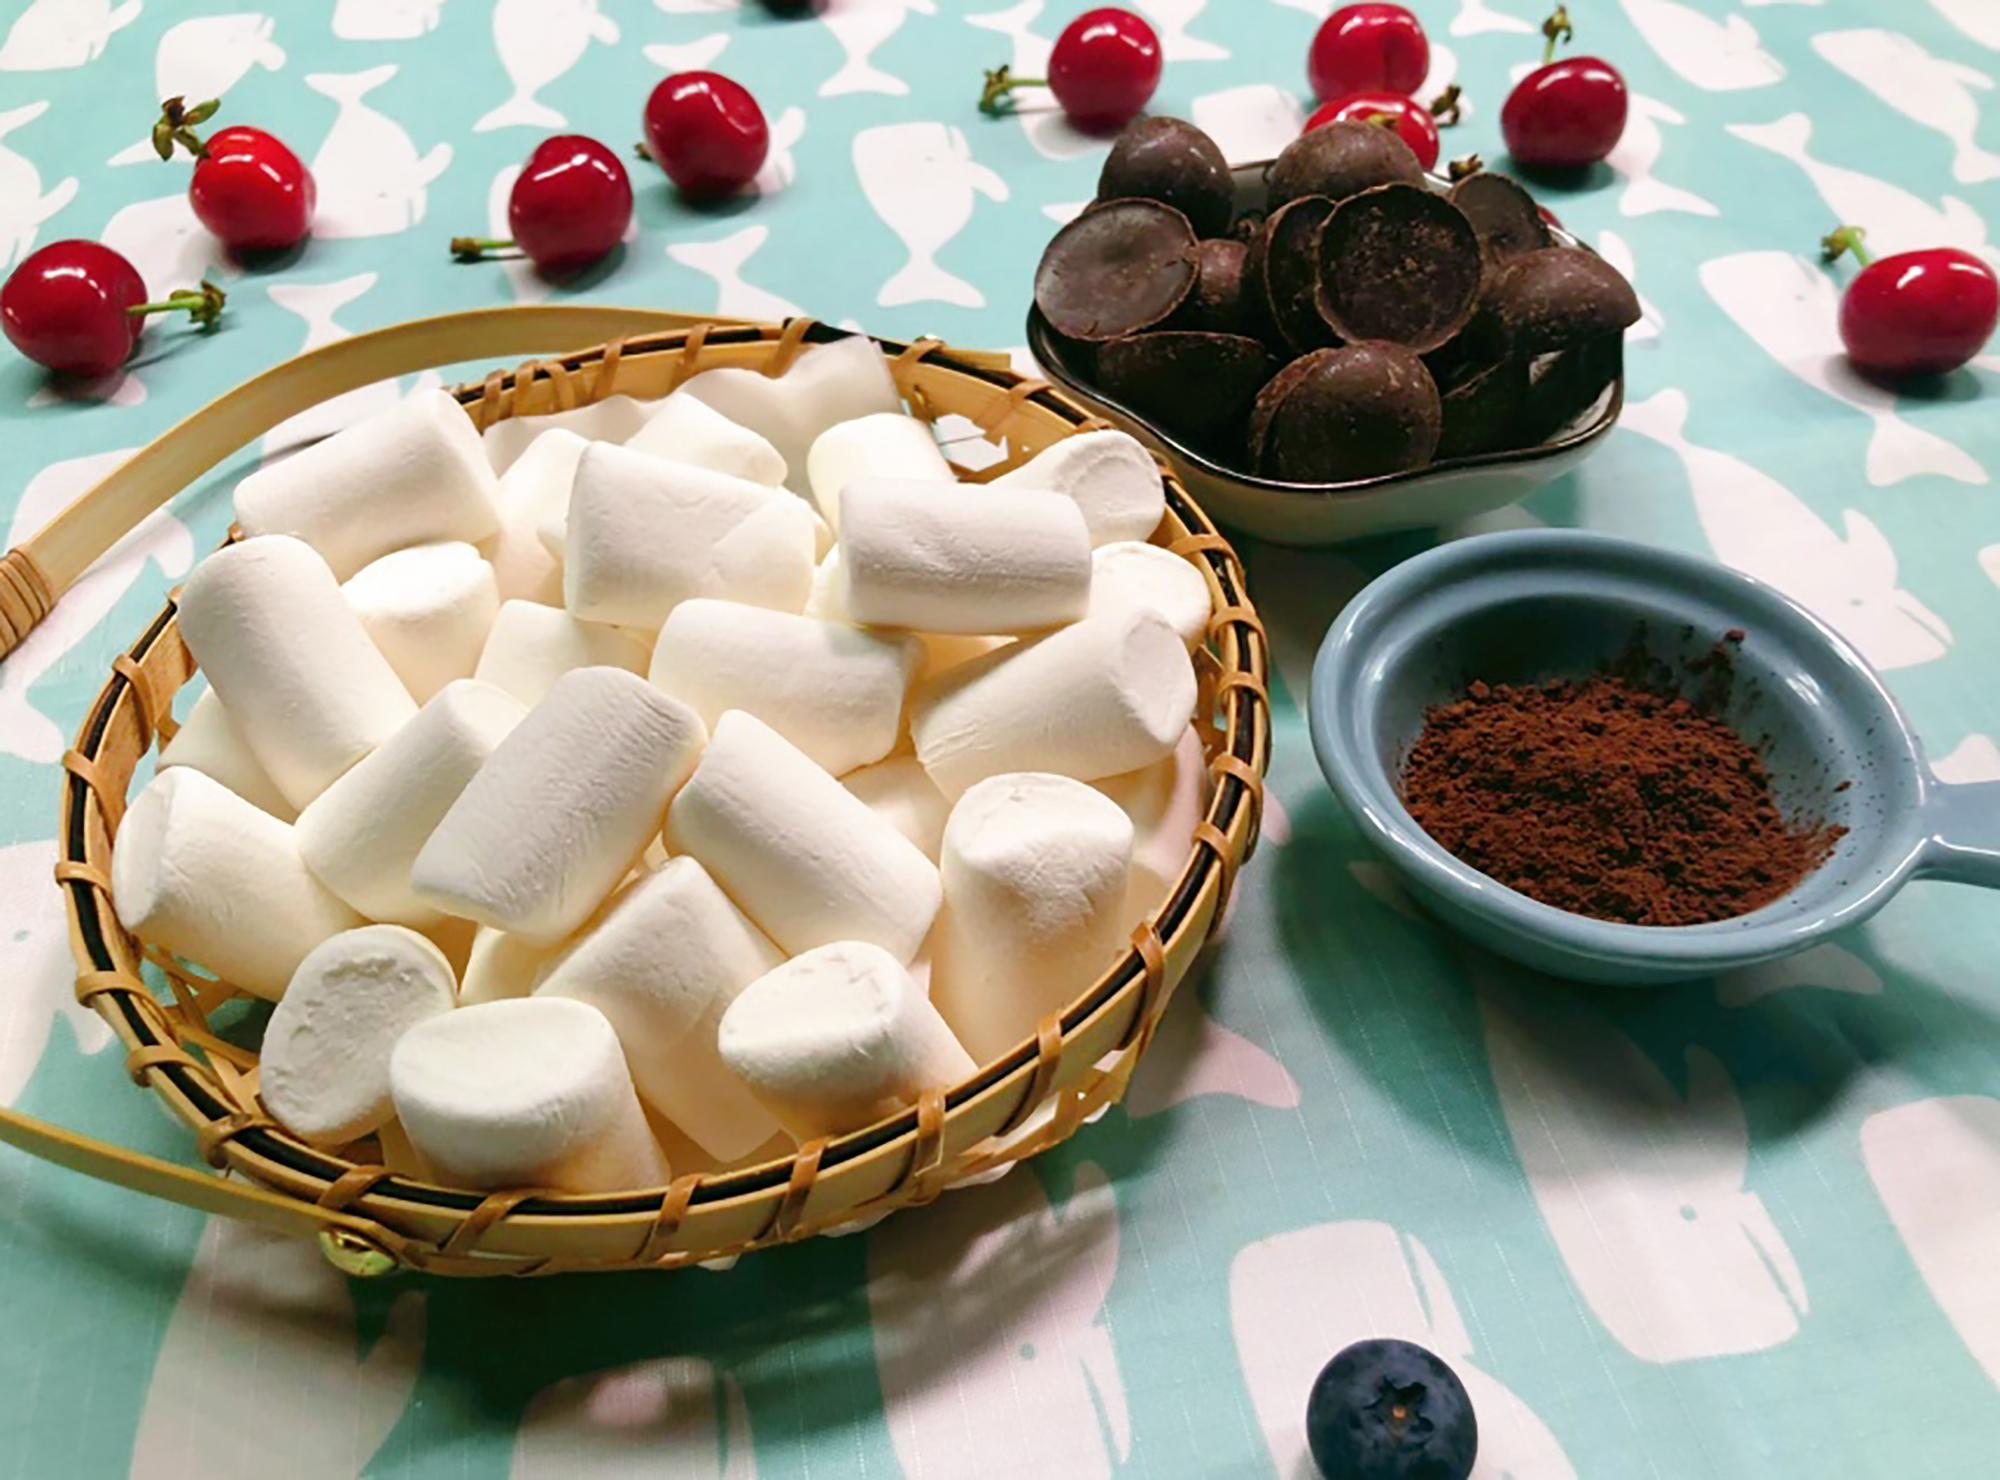 超级简单的棉花糖布丁和巧克力慕斯的做法教程!手残党福音!